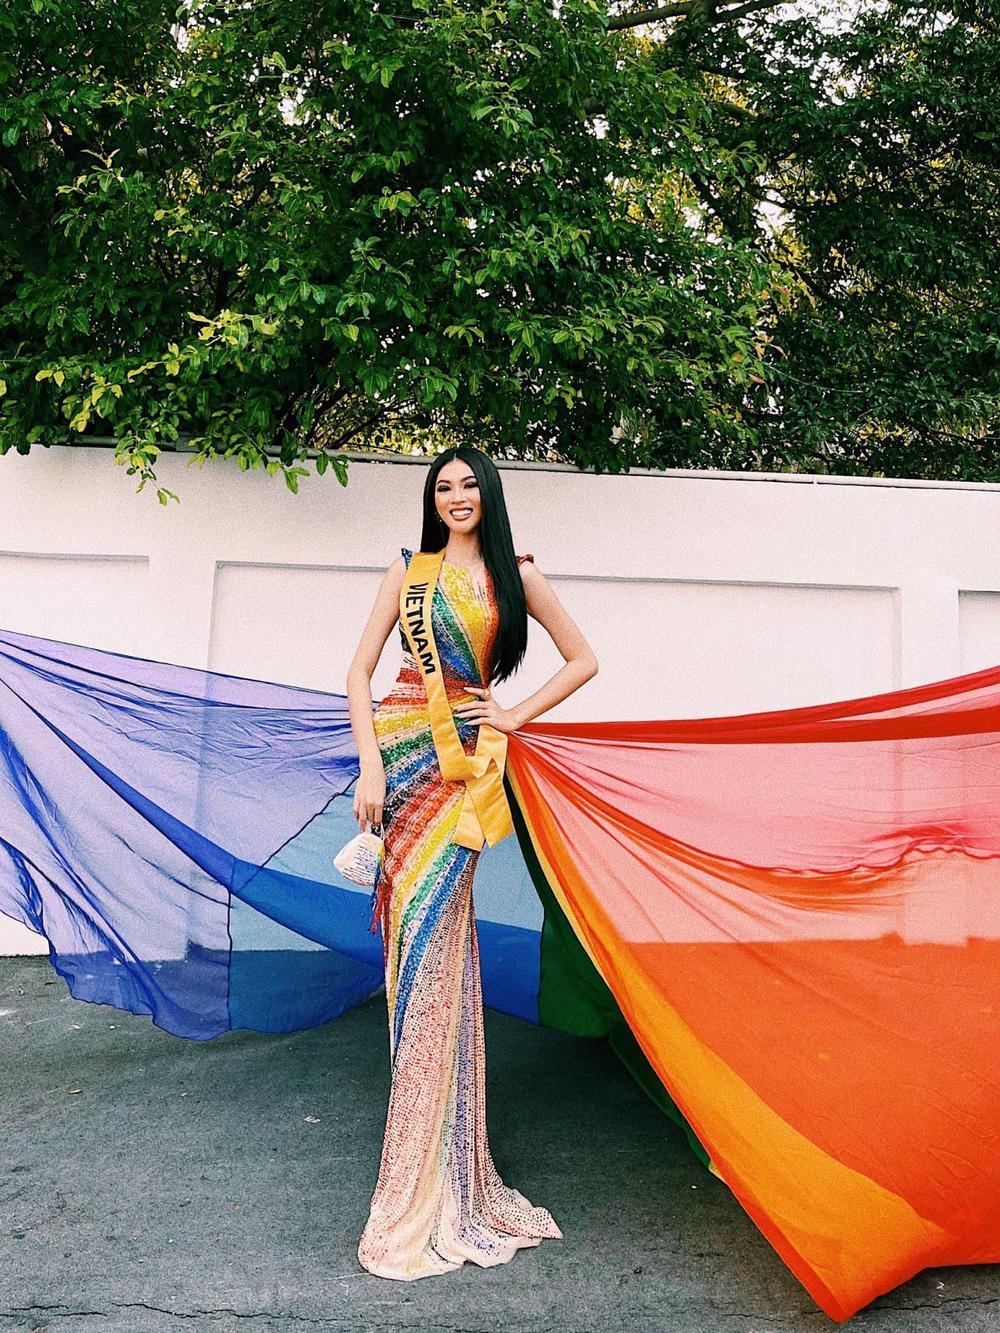 Ngọc Thảo về Việt Nam sau 1 tháng chinh chiến Miss Grand, bắt đầu cách ly 21 ngày tại Đà Nẵng Ảnh 8